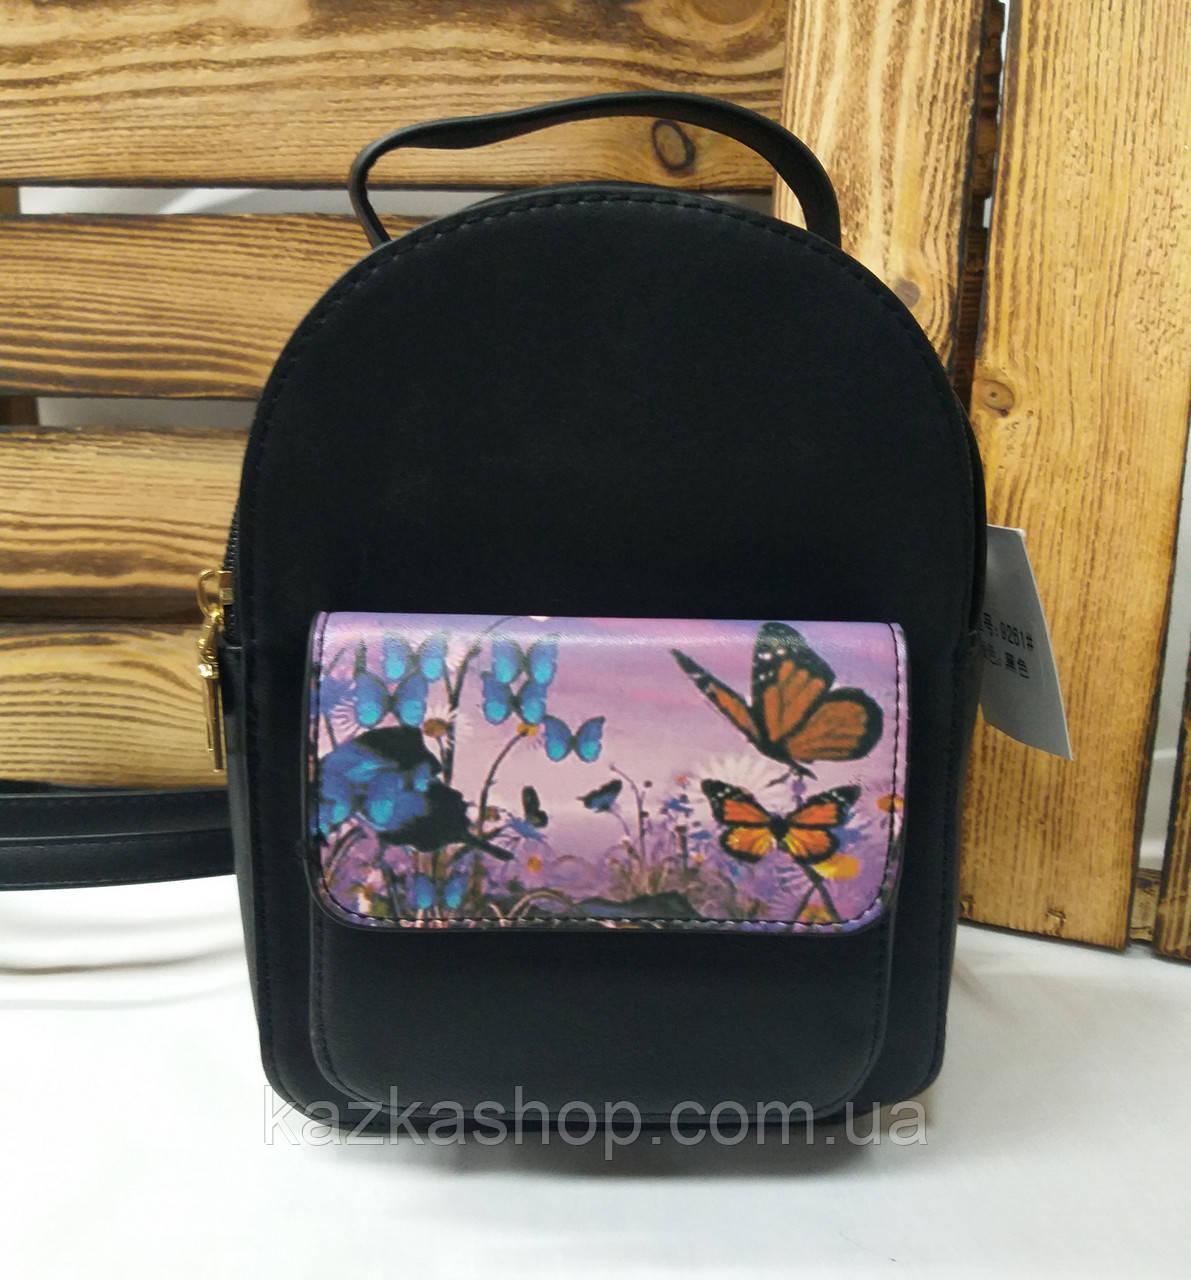 Женский рюкзак черного цвета с ярким дополнительным карманом регулируемыми лямками